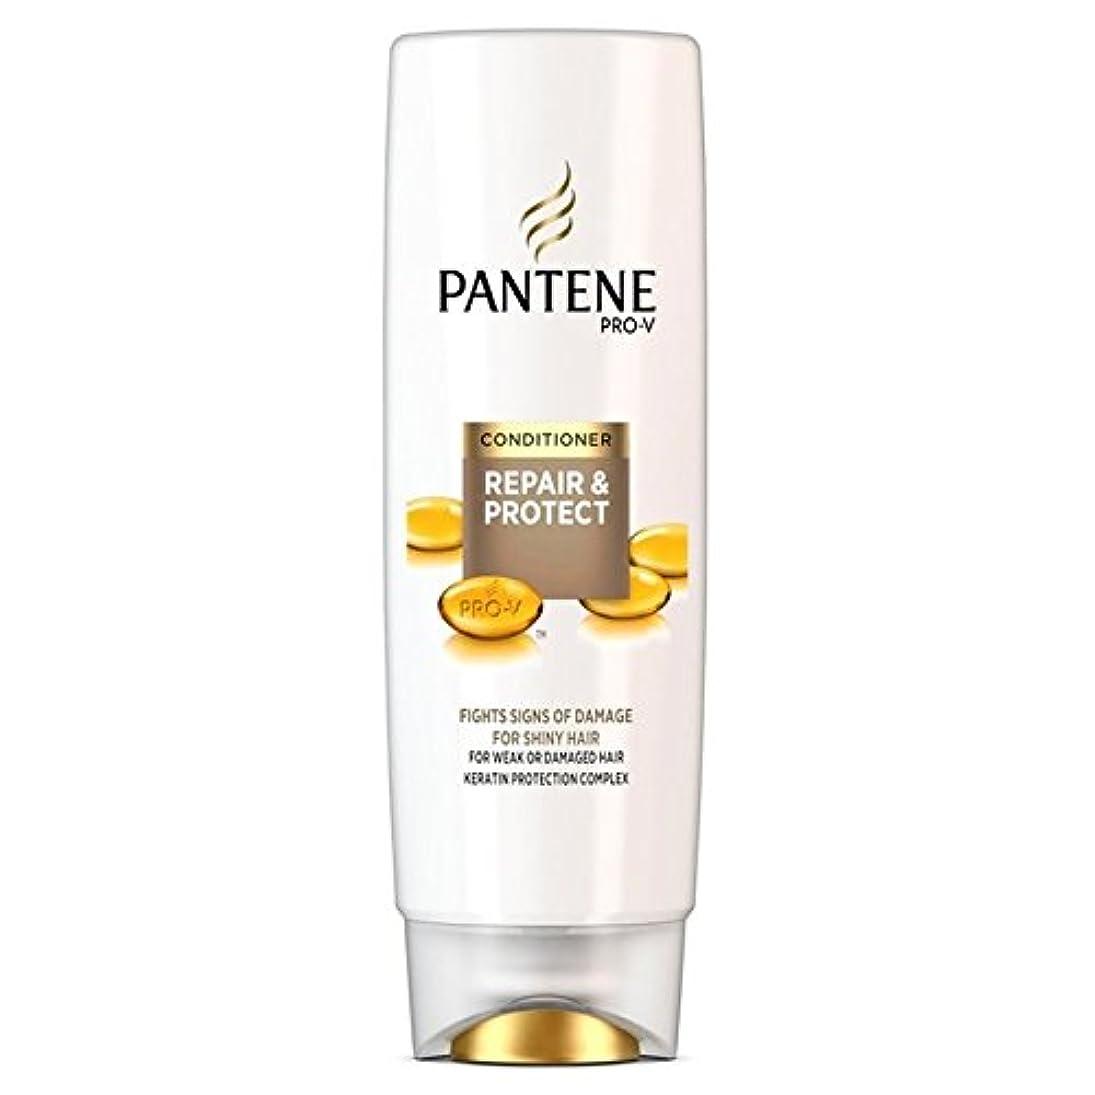 アクション硬化する夫婦Pantene Conditioner Repair & Protect For Weak Or Damaged Hair 250ml (Pack of 6) - パンテーンコンディショナーの修理&弱いか、傷んだ髪の250ミリリットルのための保護 x6 [並行輸入品]